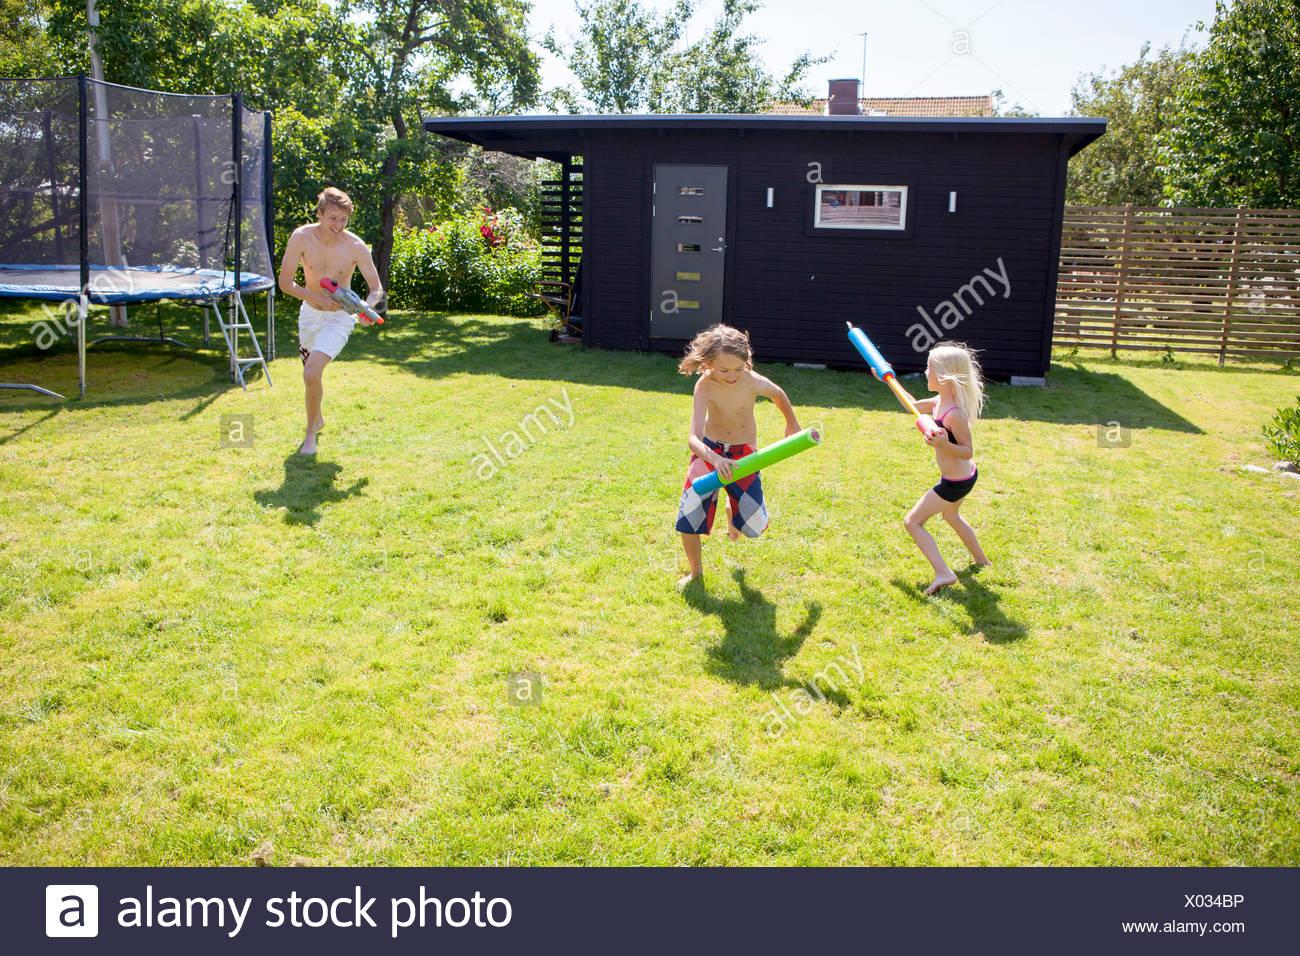 Frères et sœurs (8-9, 10-11) jouant avec les pistolets à eau dans la cour Photo Stock